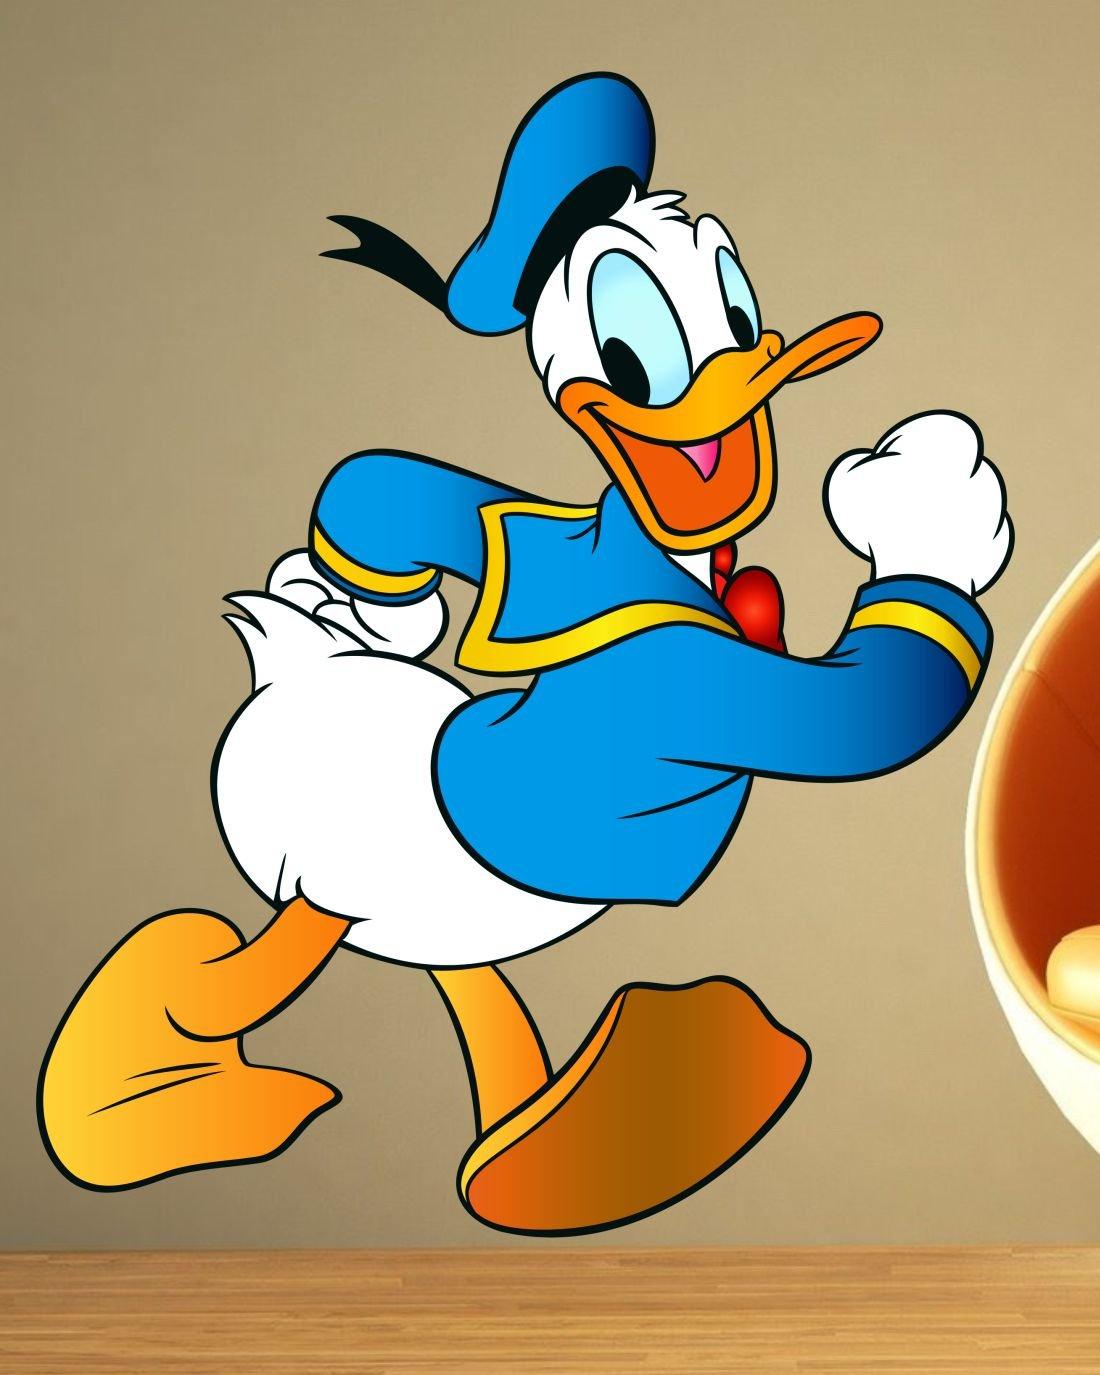 Hình ảnh vịt Donald dễ thương